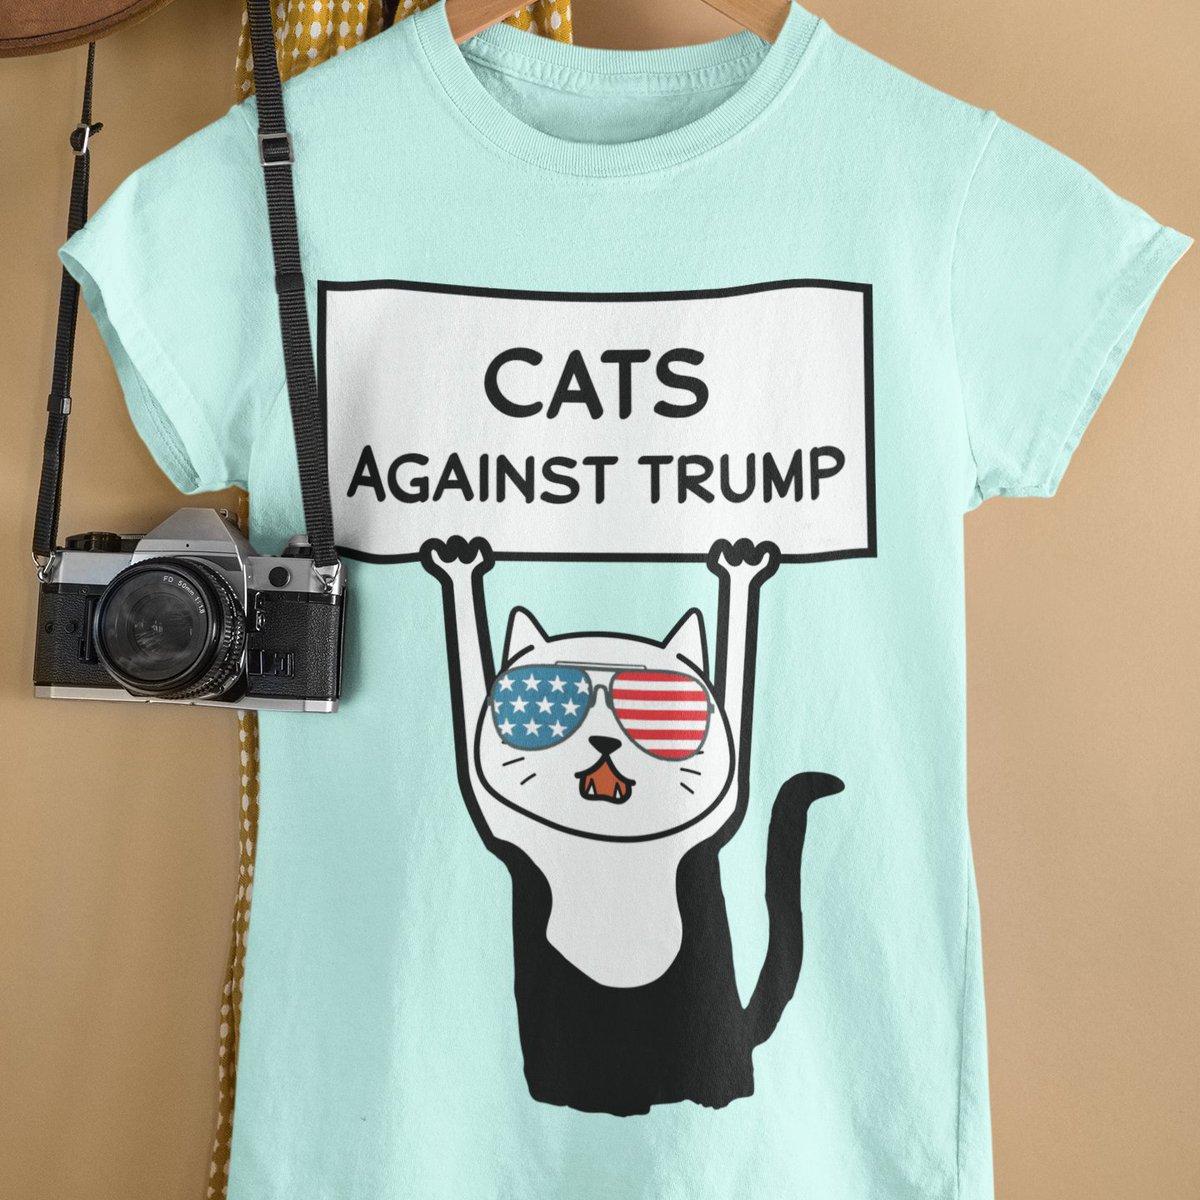 funny cat against trump t-shirt #TrumpCovid19 #AntiTrump #Election2020 #Election2020 #VoteHimOut #VOTE #VoteHimOut2020 #TrumpIsLosing #nope #November3rd https://t.co/L5b0wkfISJ